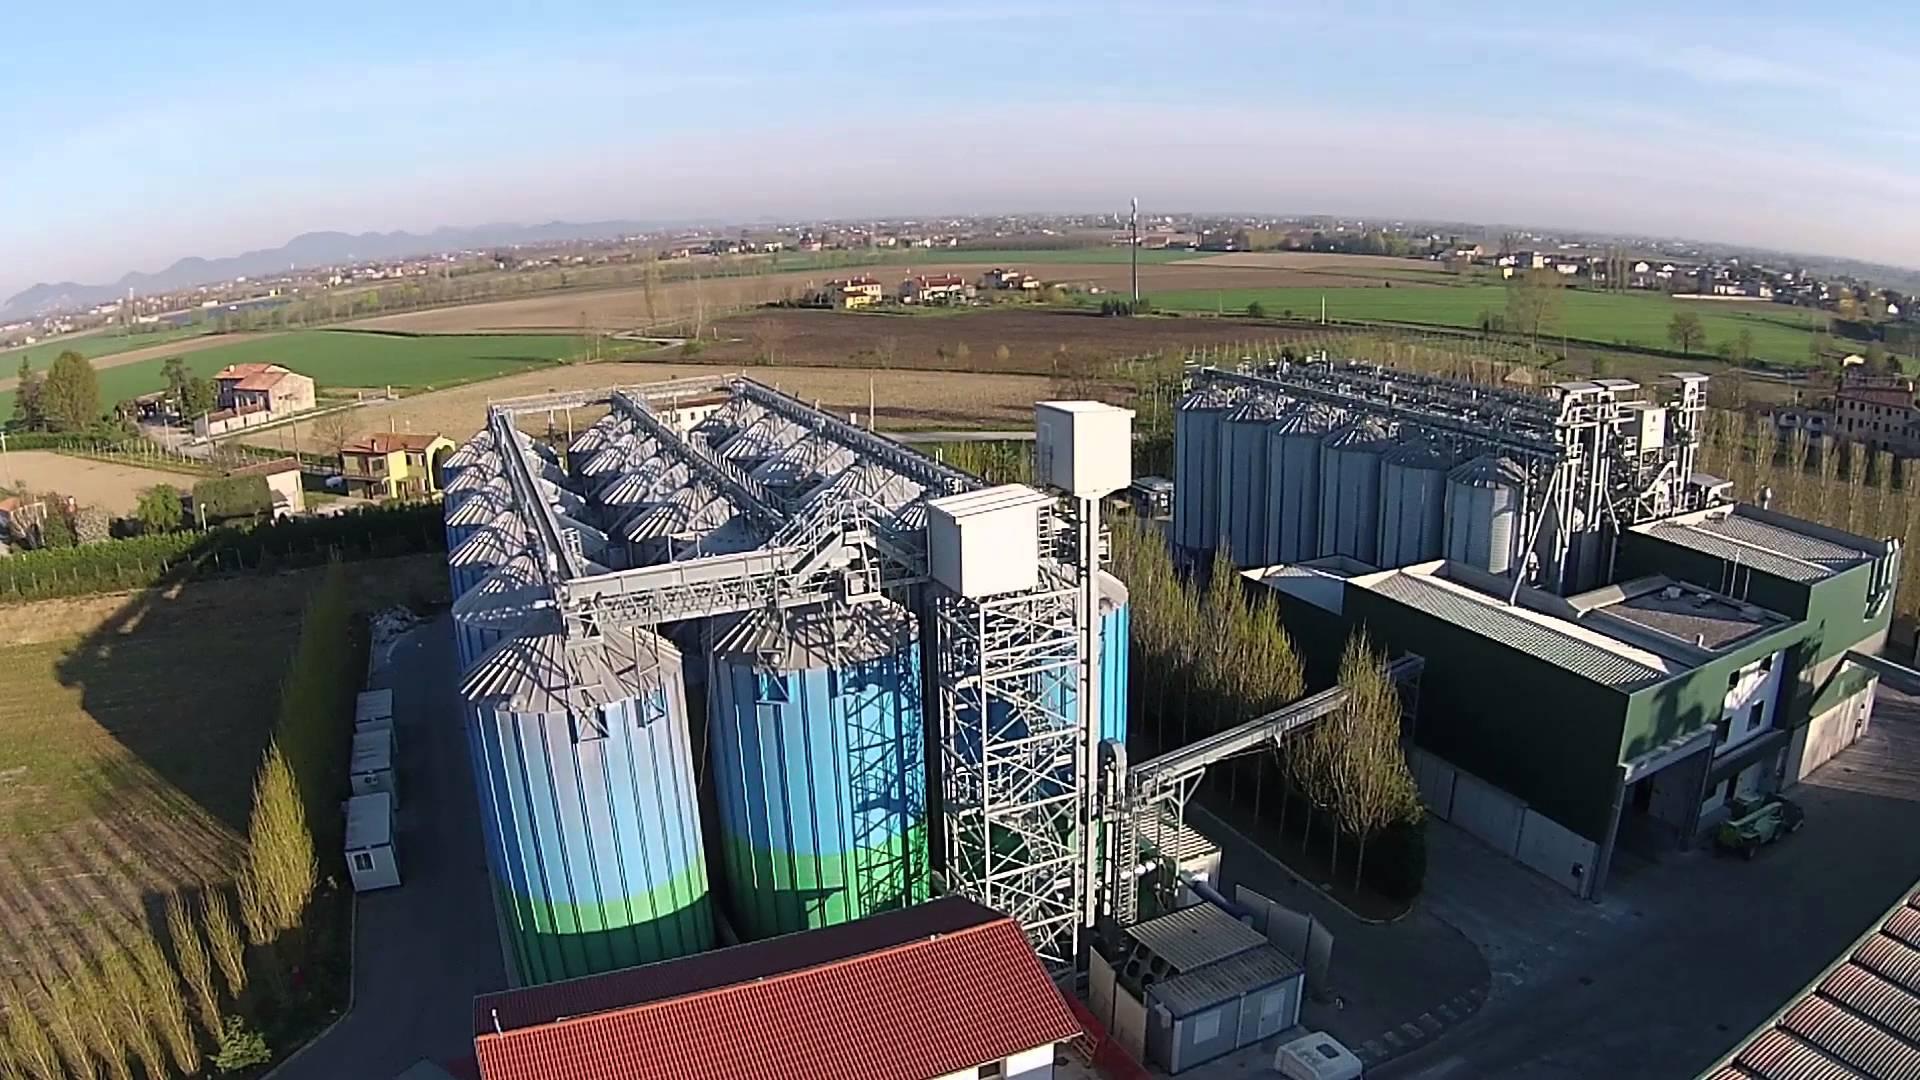 Agricola Grains, Prodotti Bio a Report su Rai 3 (10 ottobre)